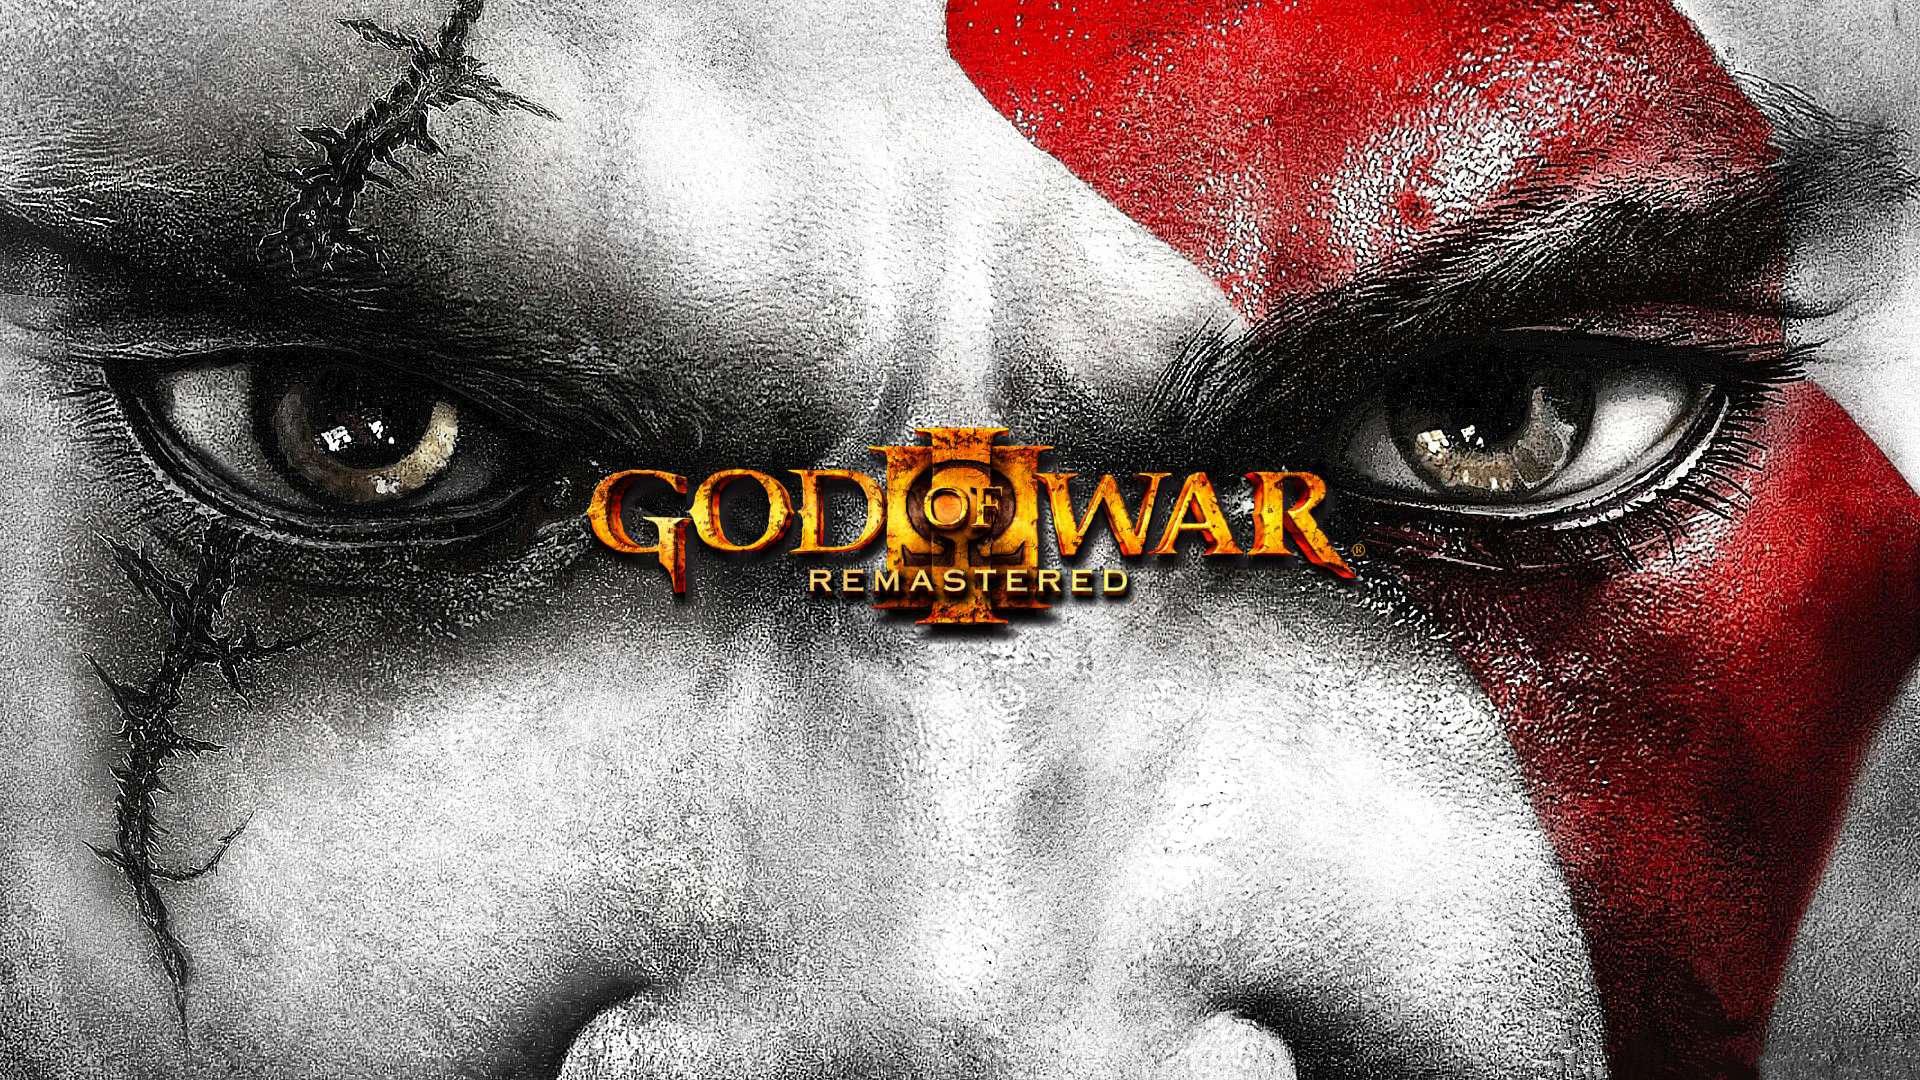 God of War 3 Remastered PlayStation 4 İncelemesi